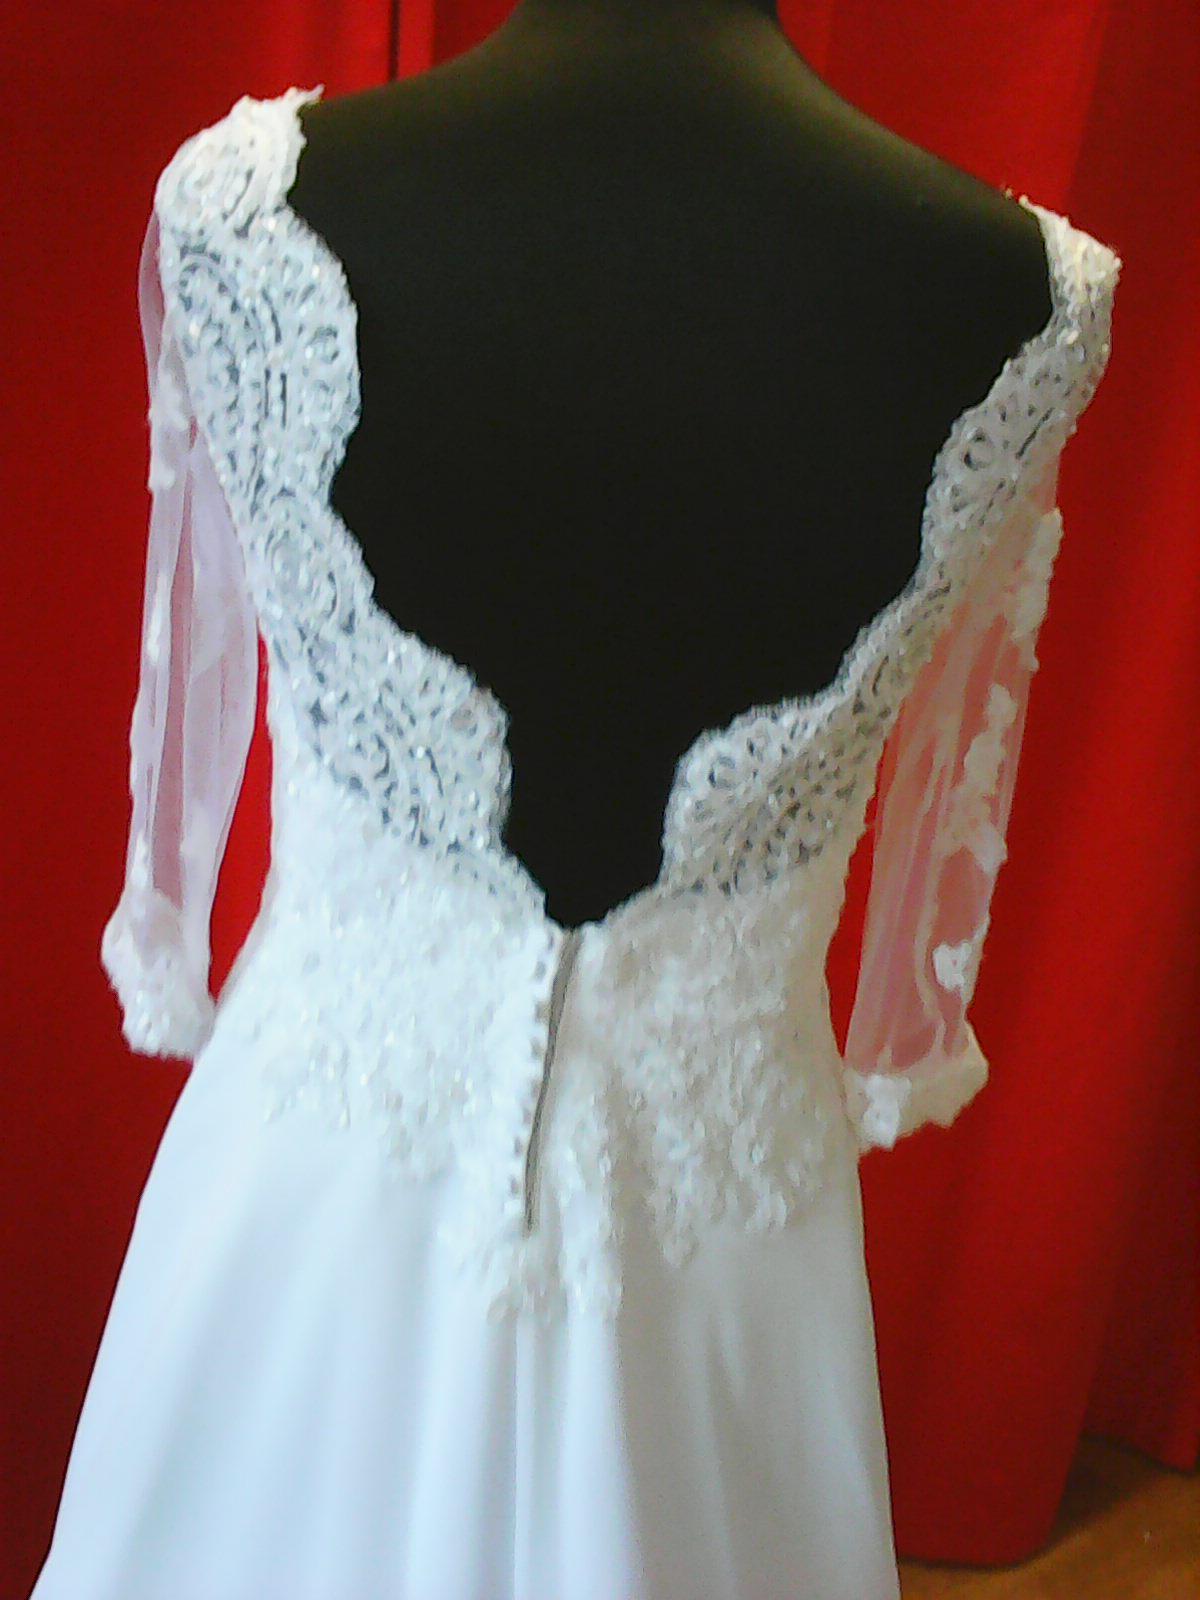 Malá ukázka šitých šatů v našem salonu - Obrázek č. 3